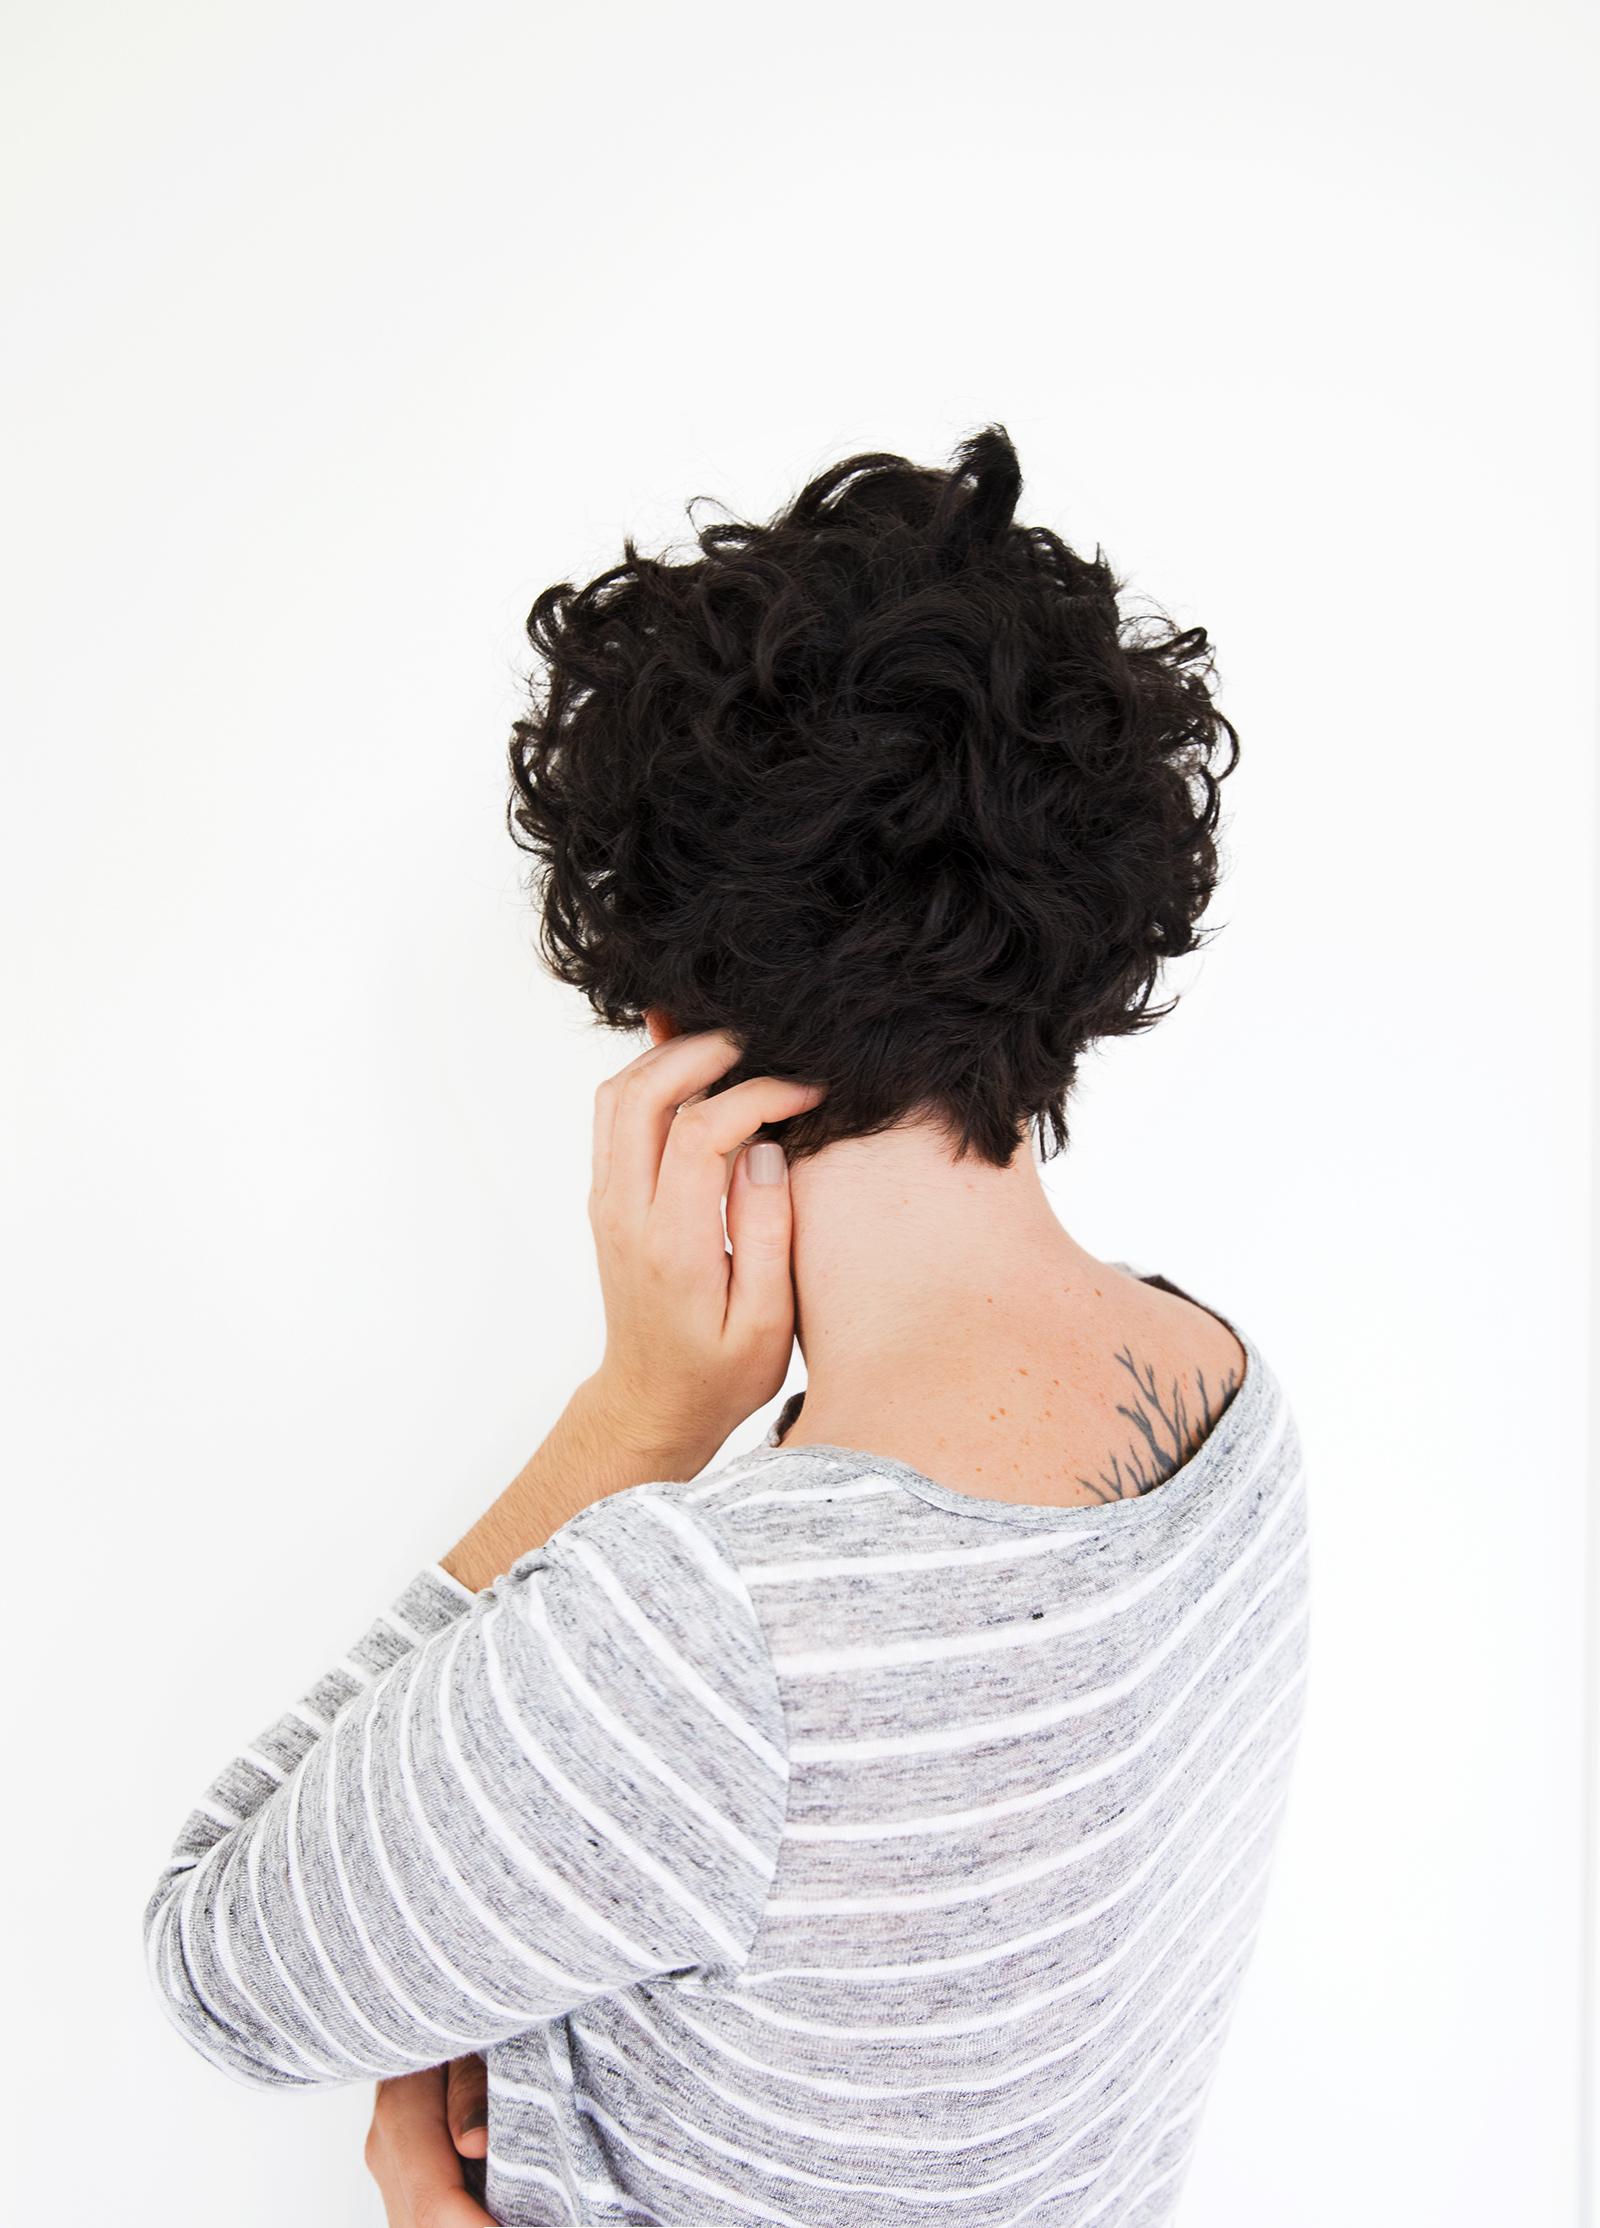 ABHSS_JG_HairCut_0390_2.jpg